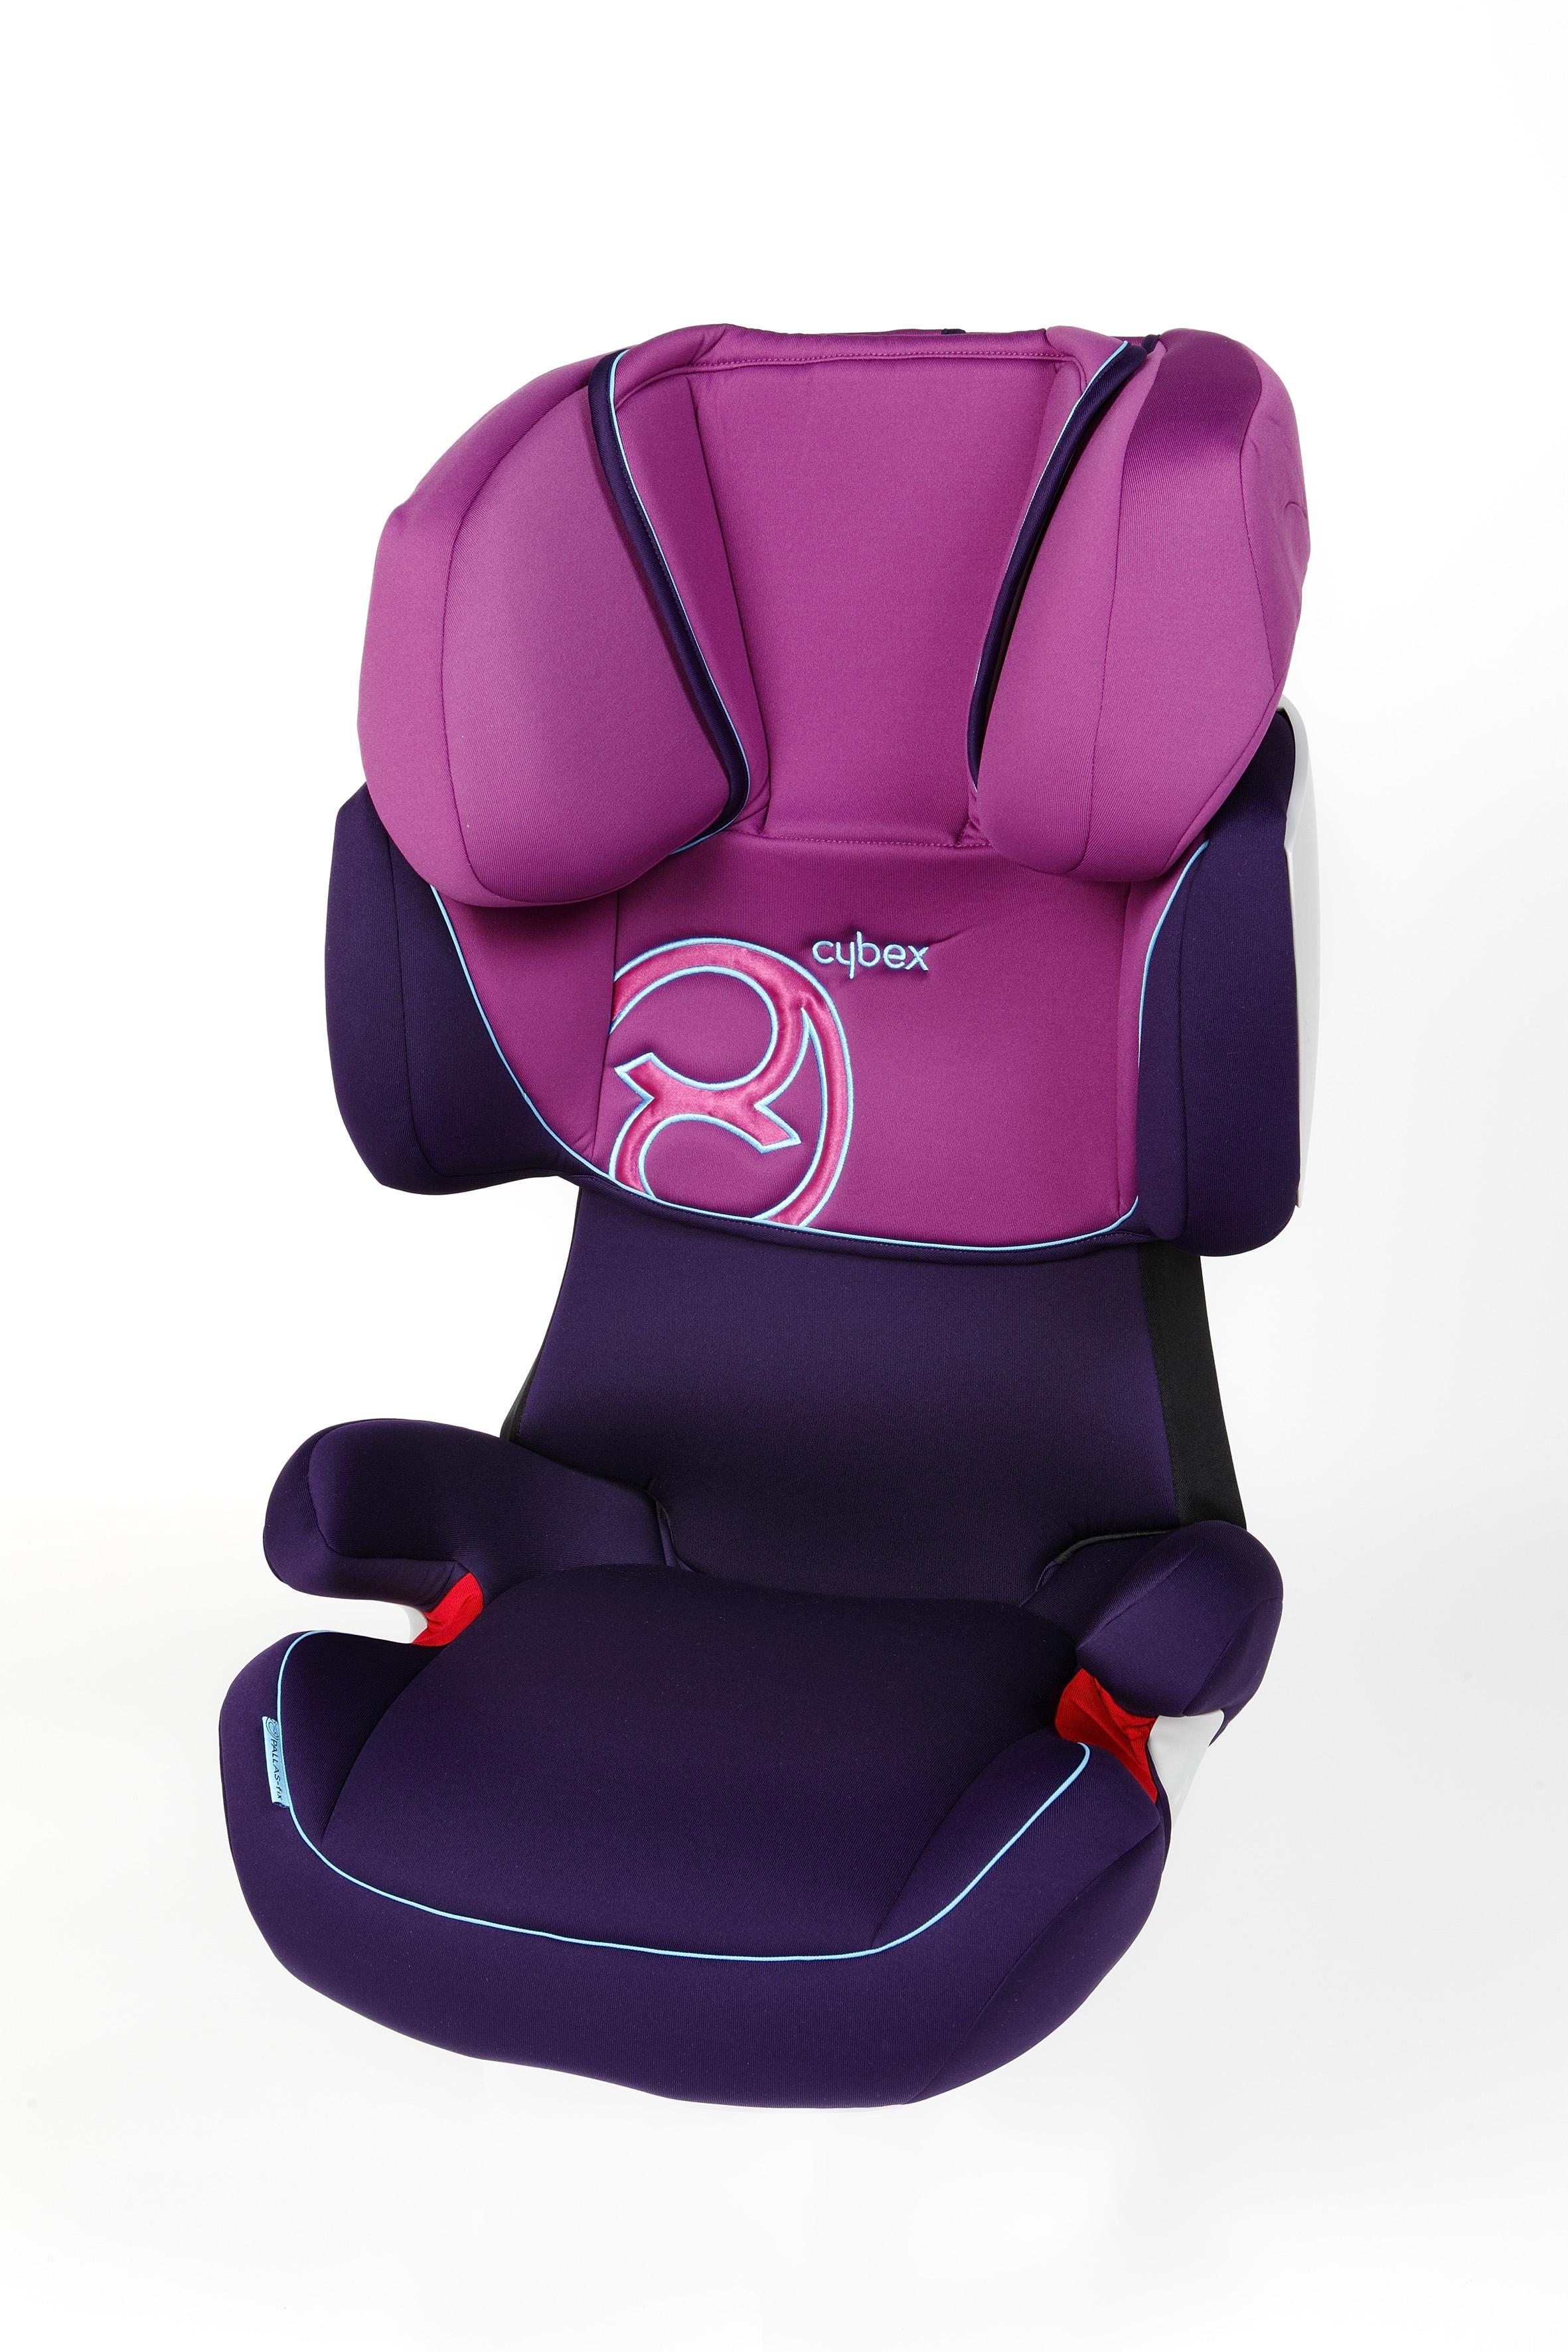 Test Sièges d'enfants II - Test Kindersitze II